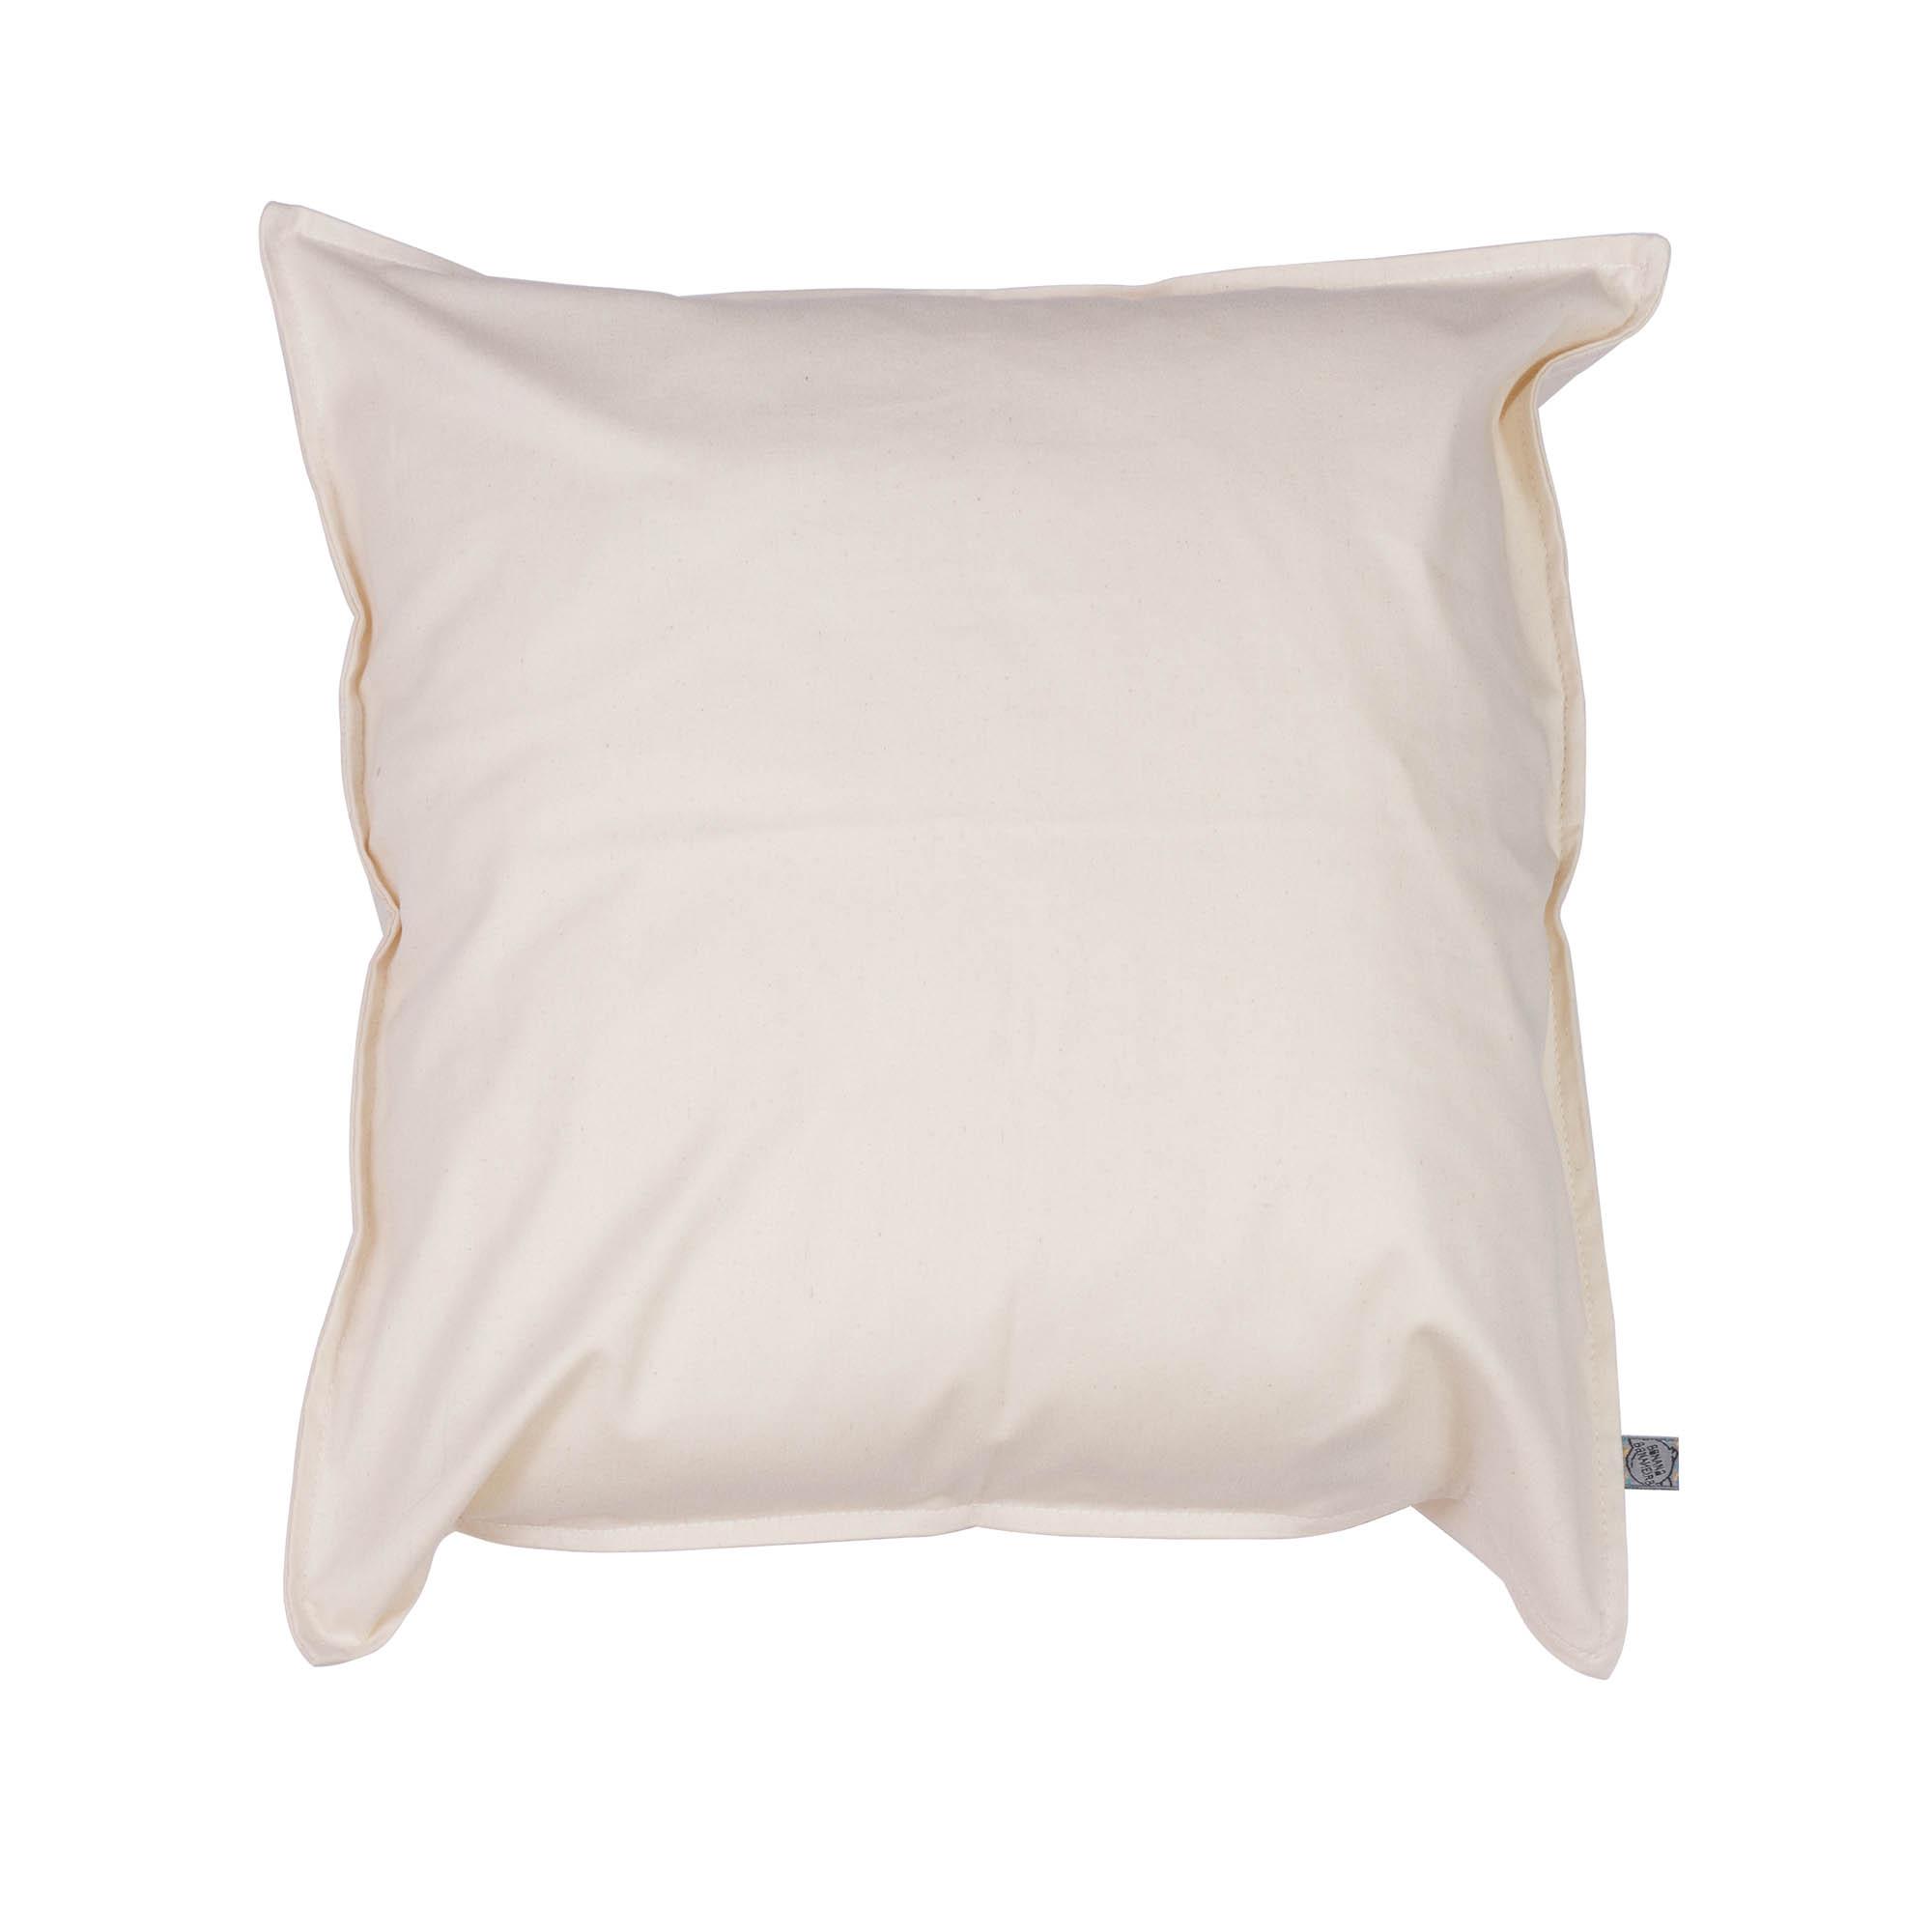 Capa de almofada em pesponto 45 cm x 45 cm cru